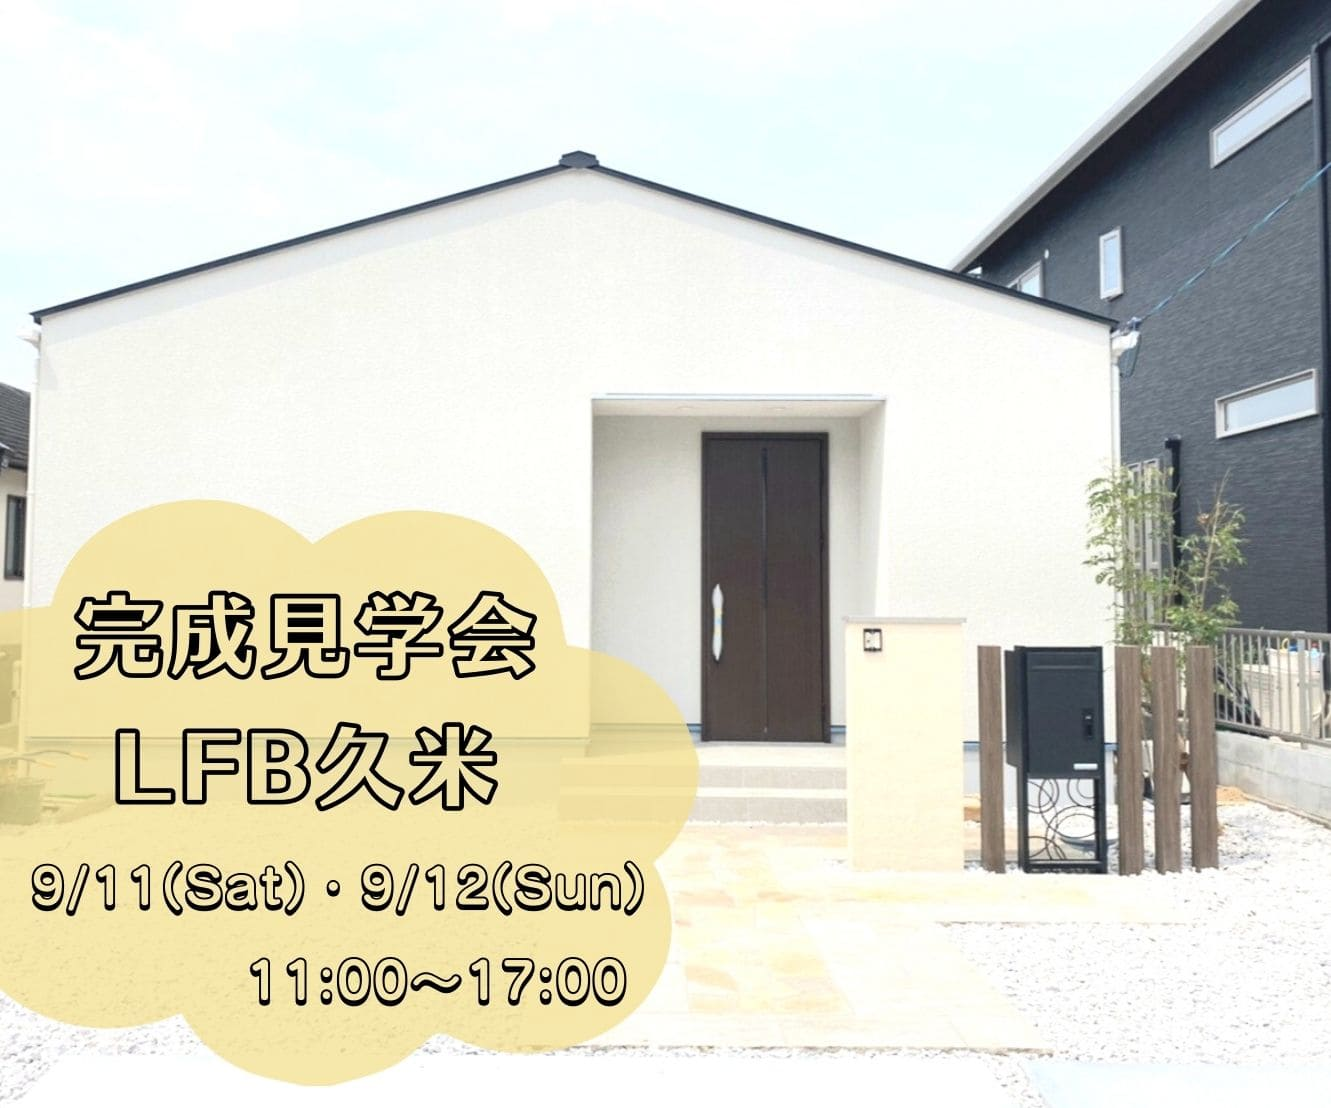 山口県周南市久米LFB完成見学会